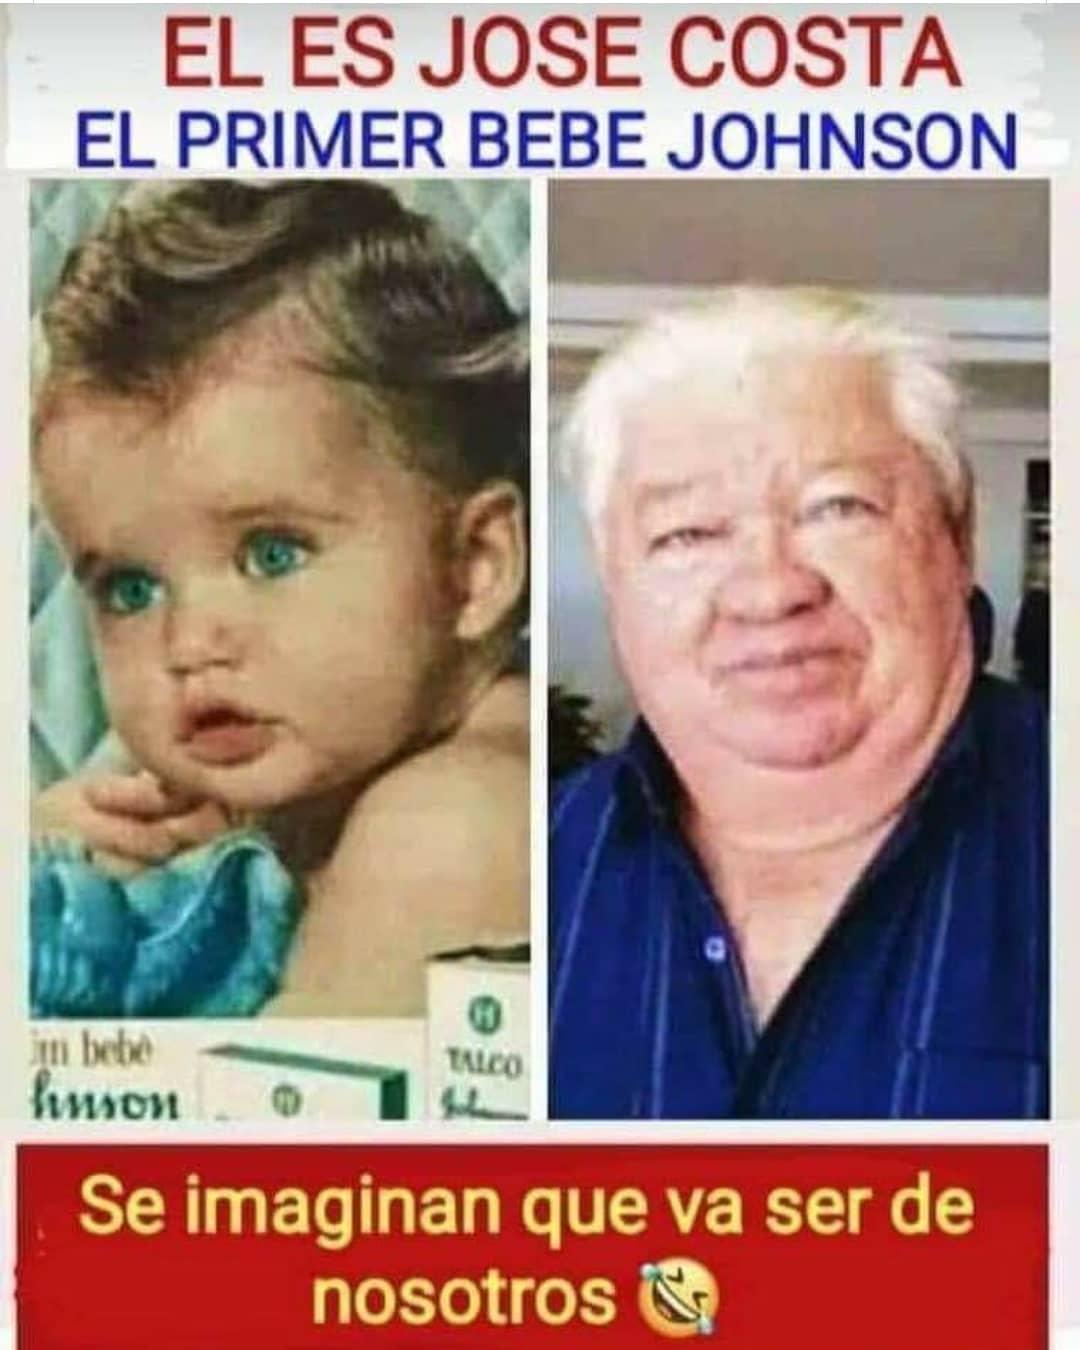 El es Jose Costa el primer bebe Johnson. Se imaginan que va ser de nosotros.